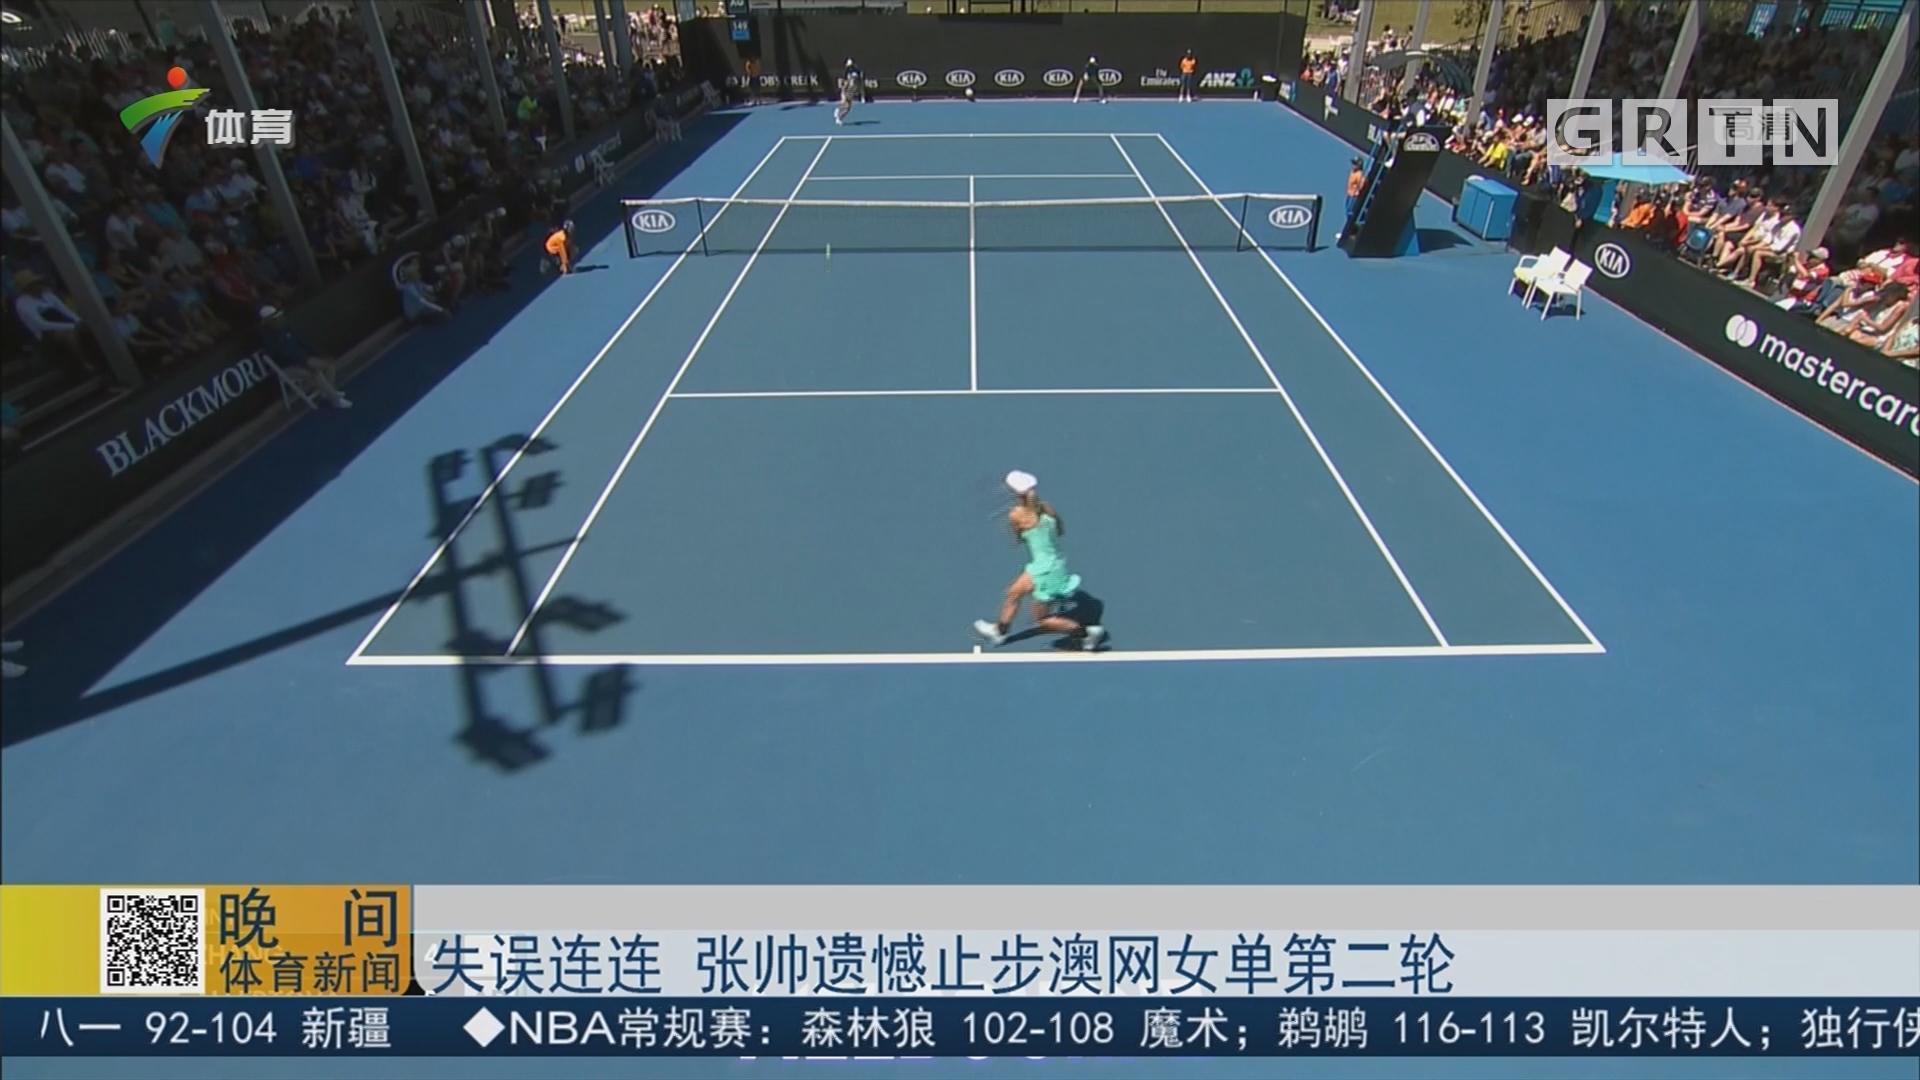 失误连连 张帅遗憾止步澳网女单第二轮